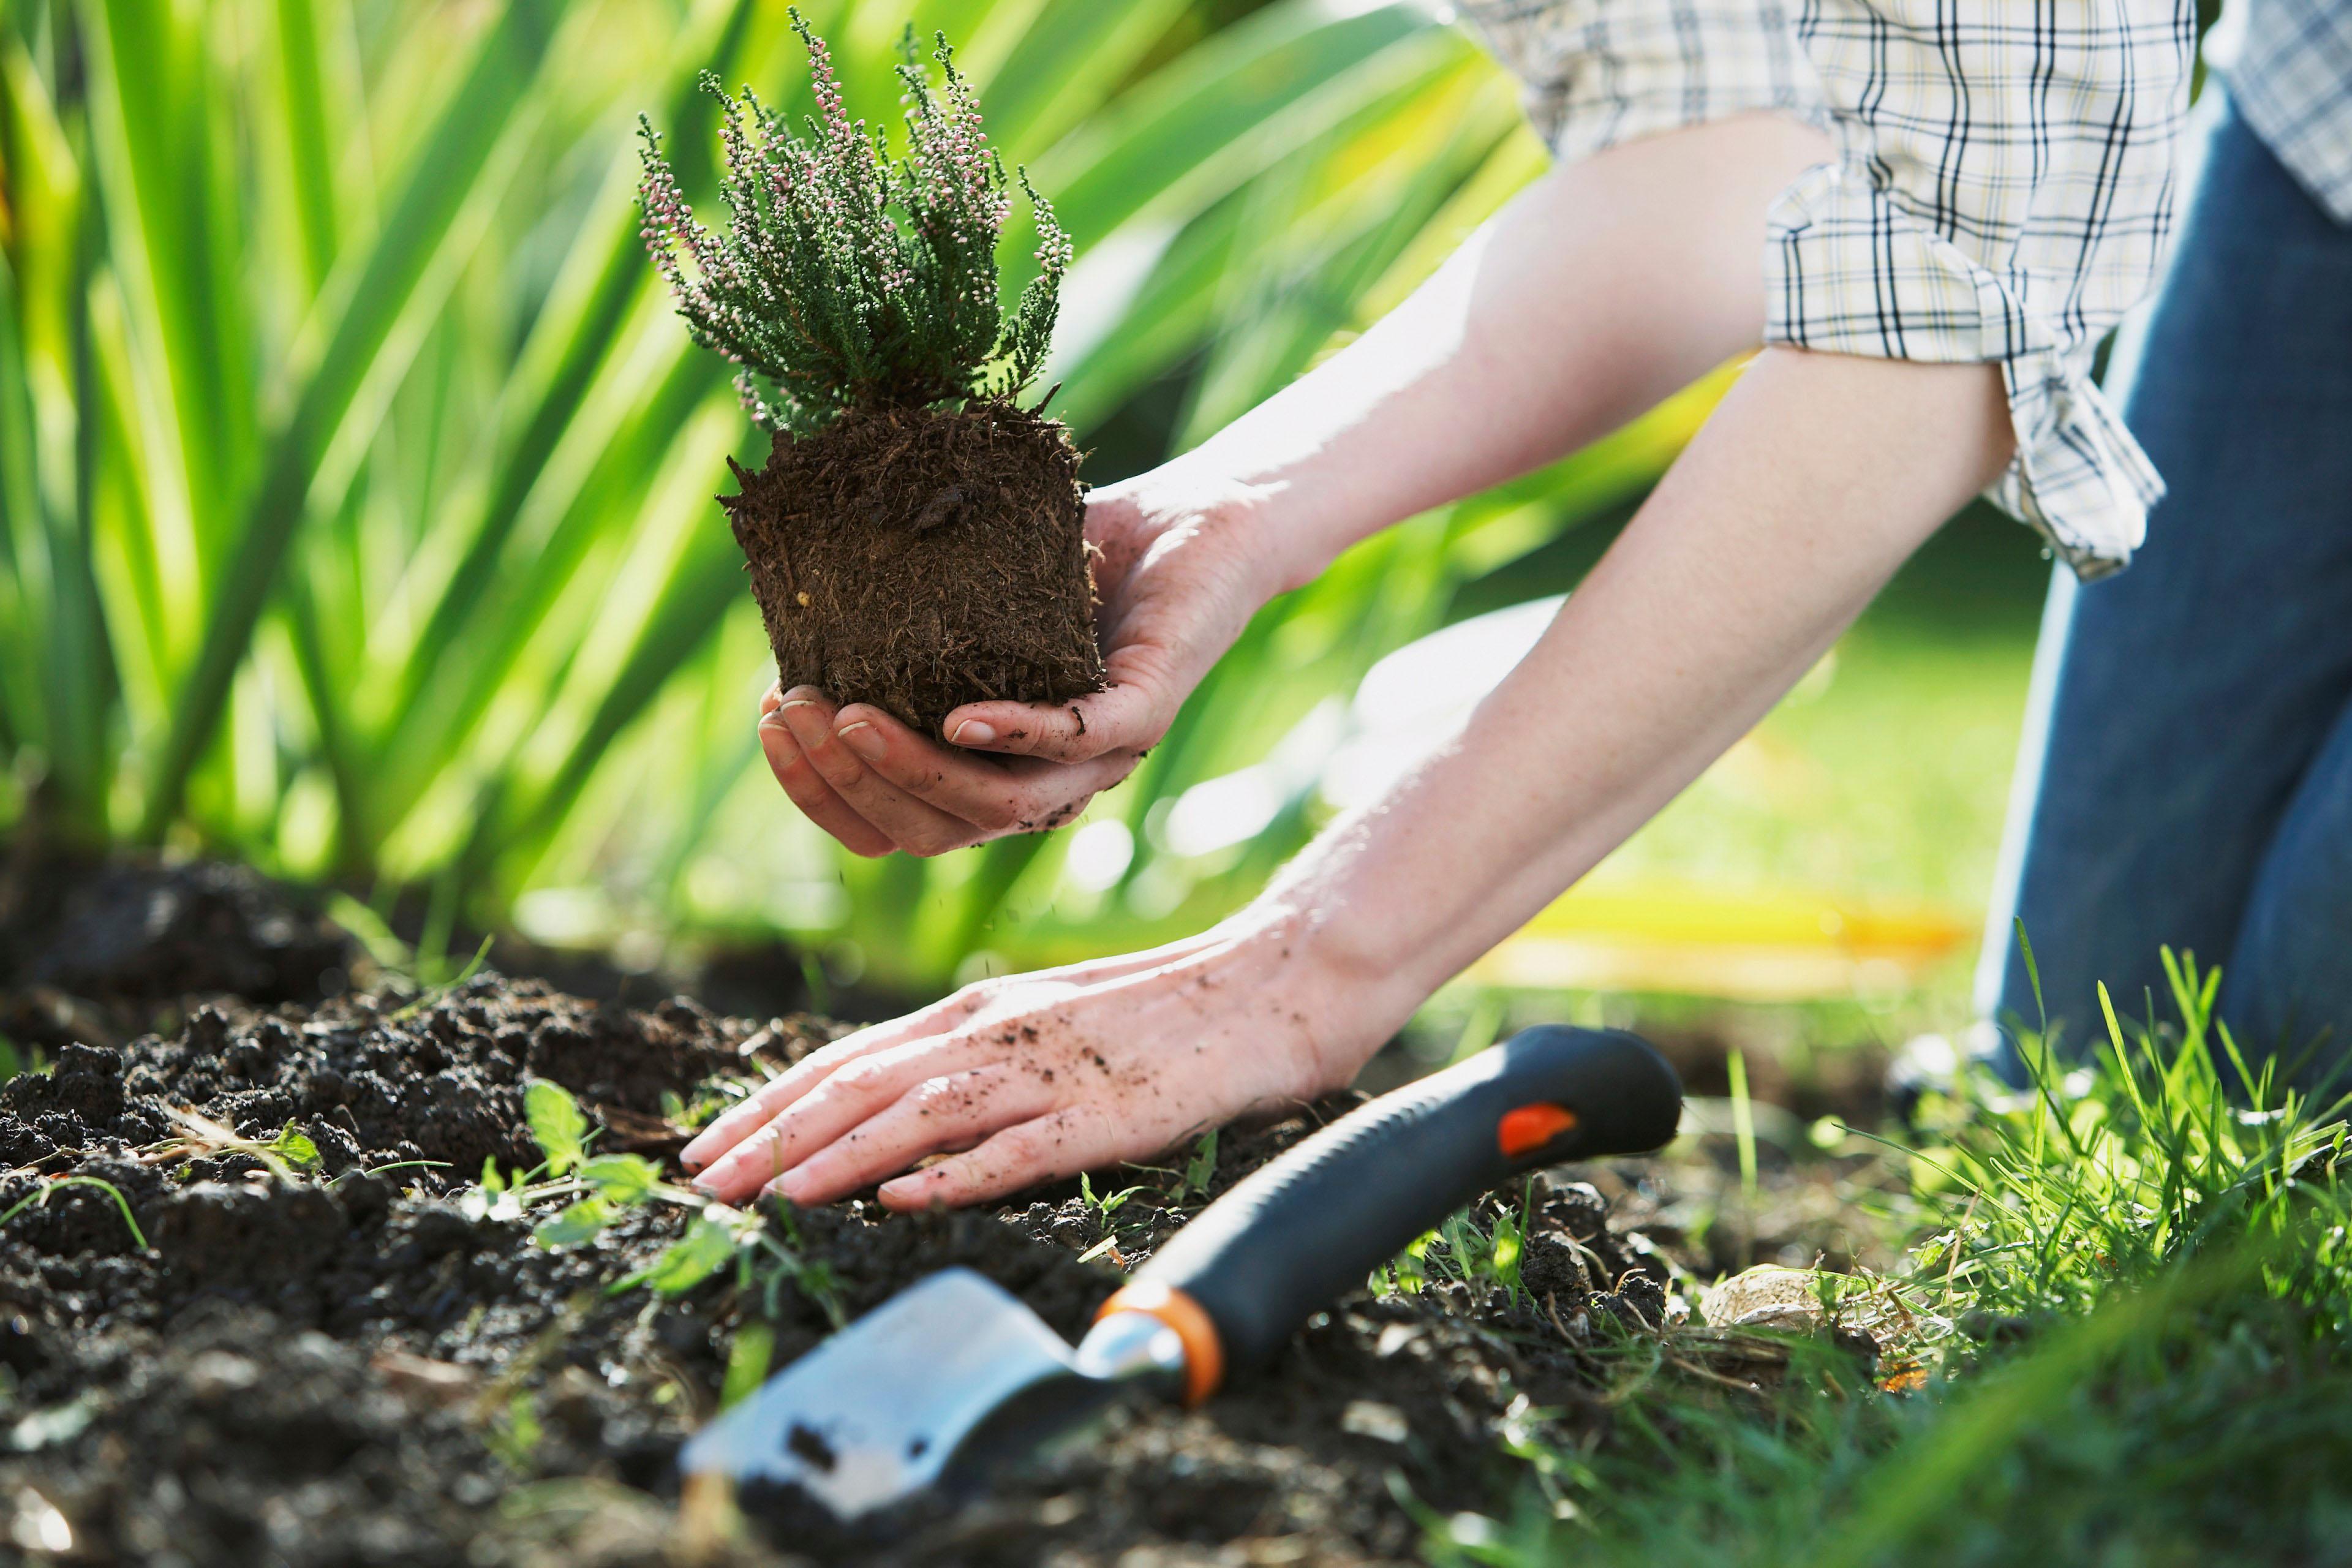 подработка по высадка растений водитель